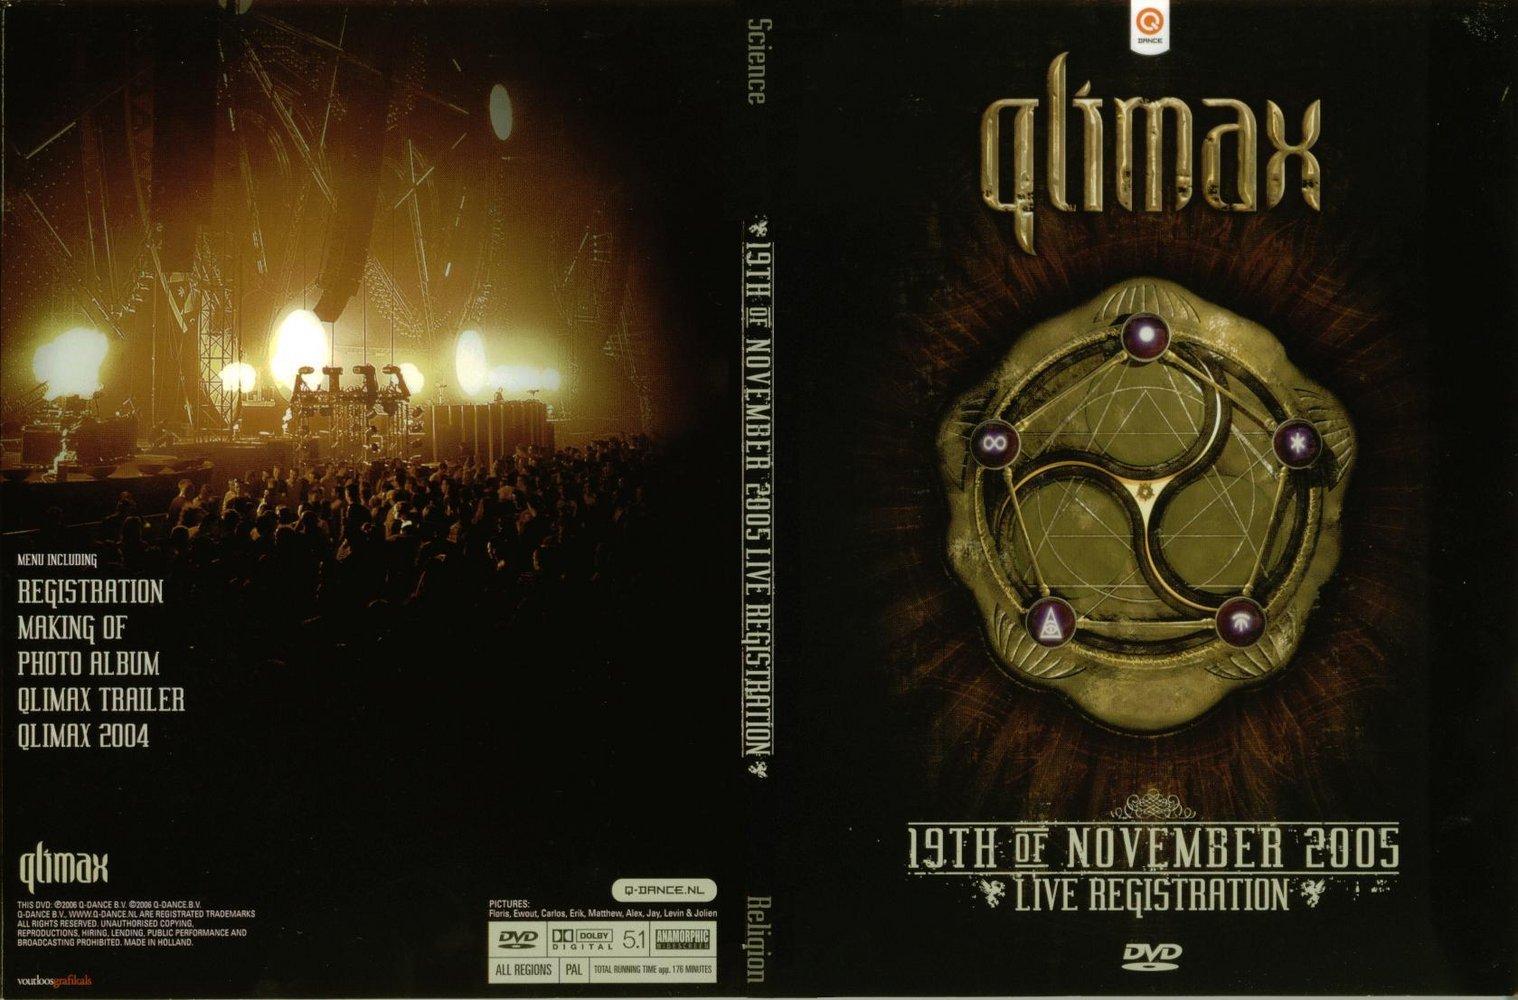 qlimax 2009 dvd